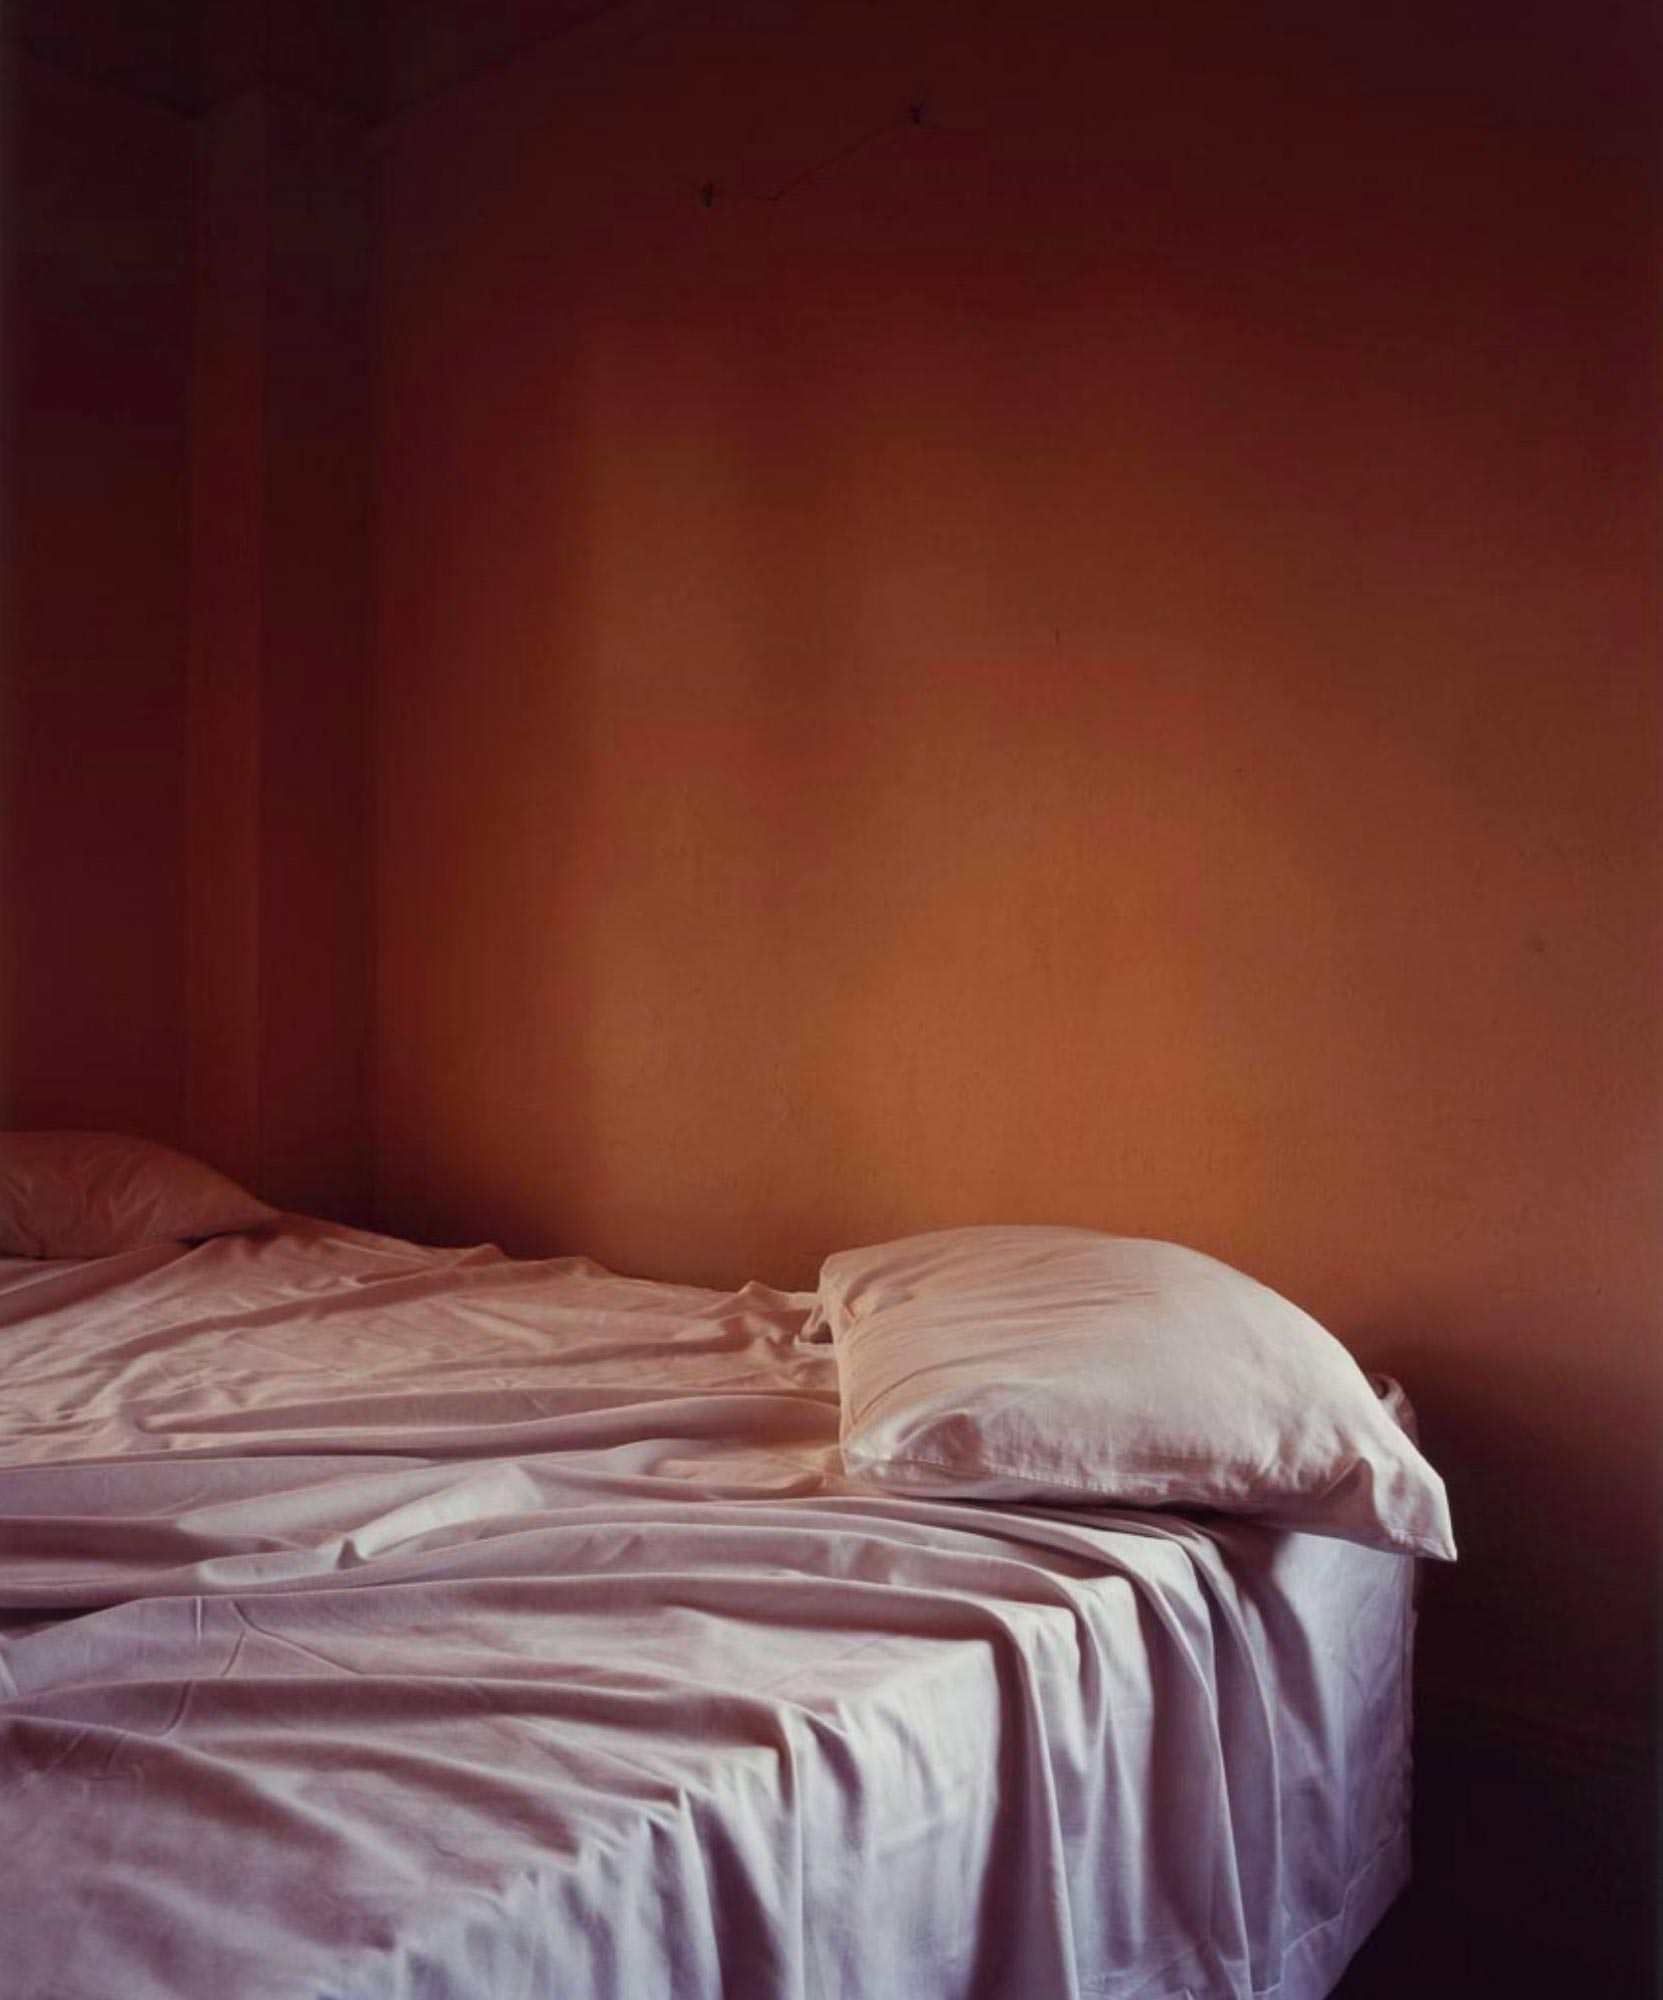 Todd Hido Photographie #3557-Y, 2005